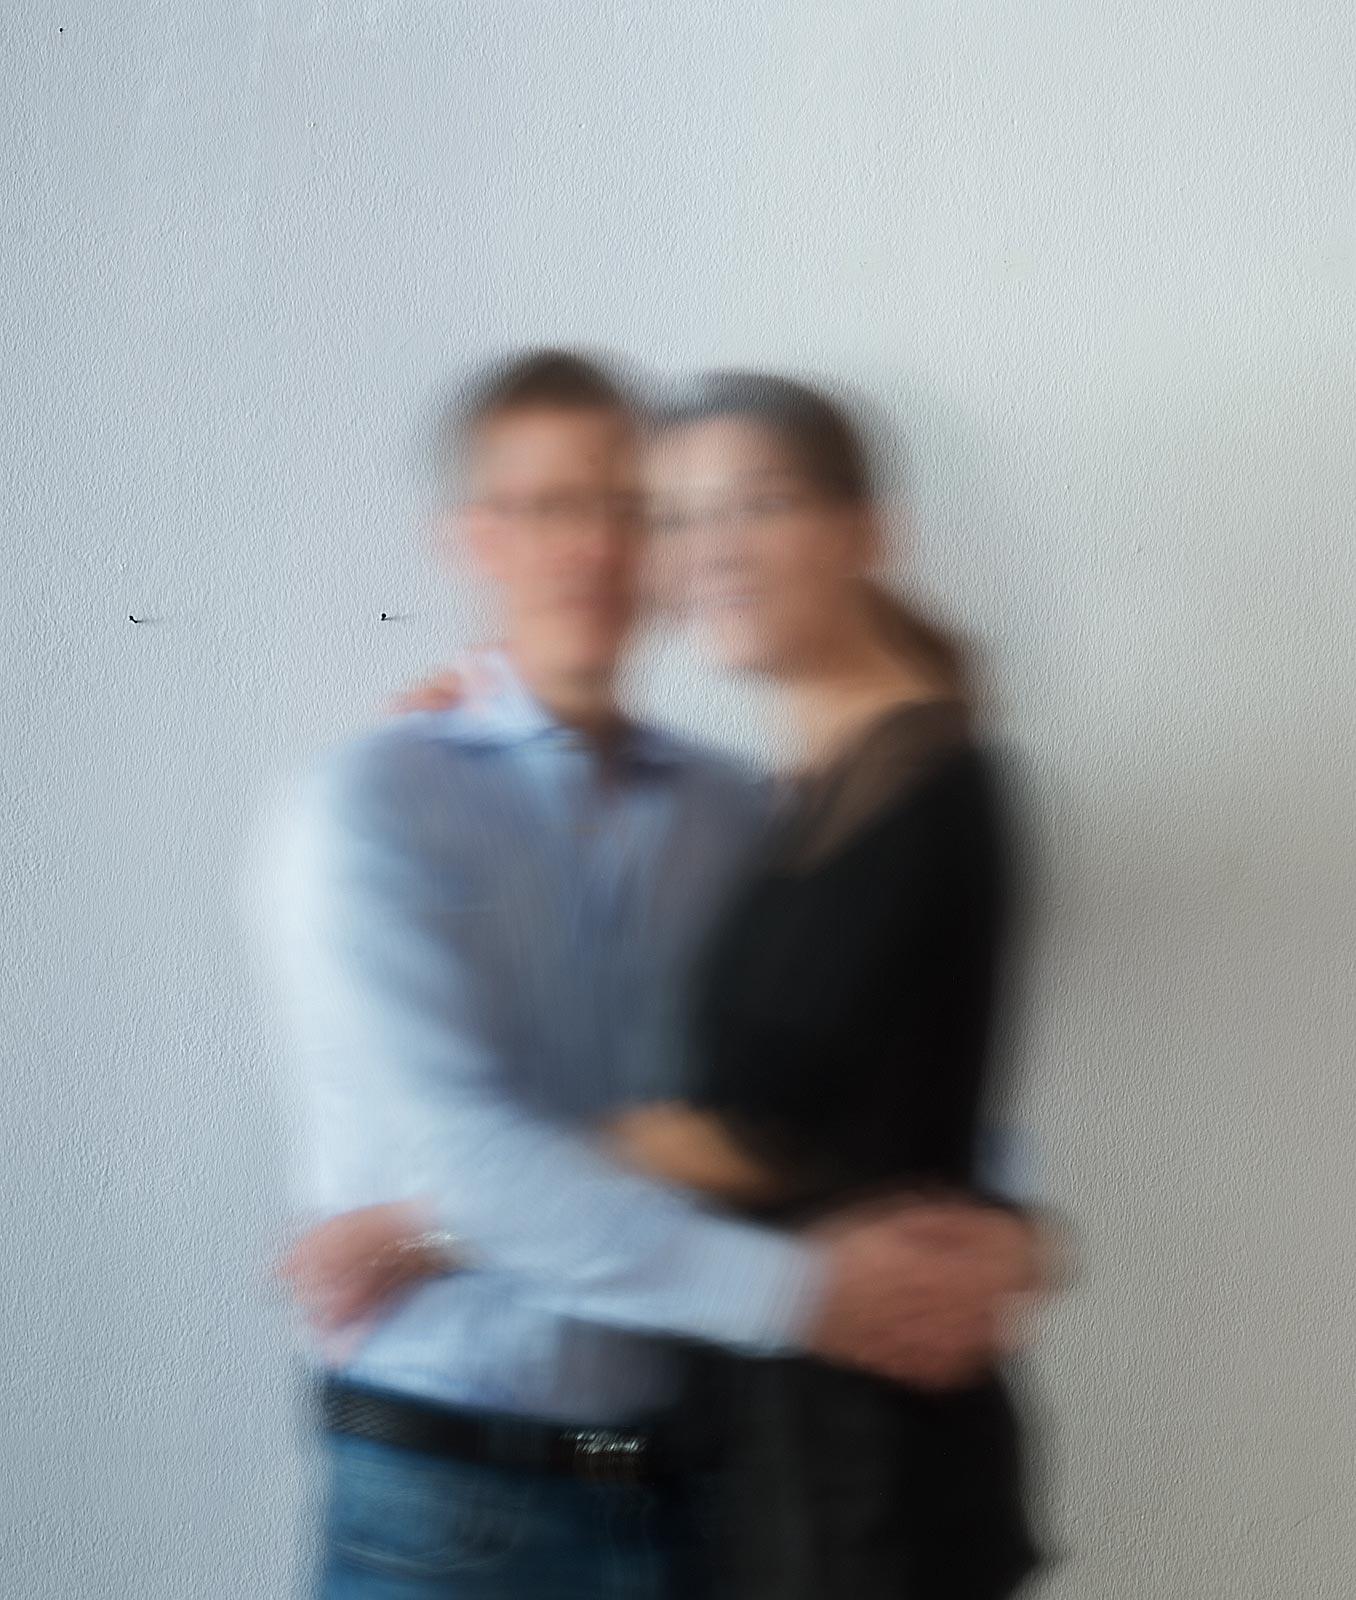 Christian und Elisabeth (10.58 - 11.03 Uhr, 6.4.2014)